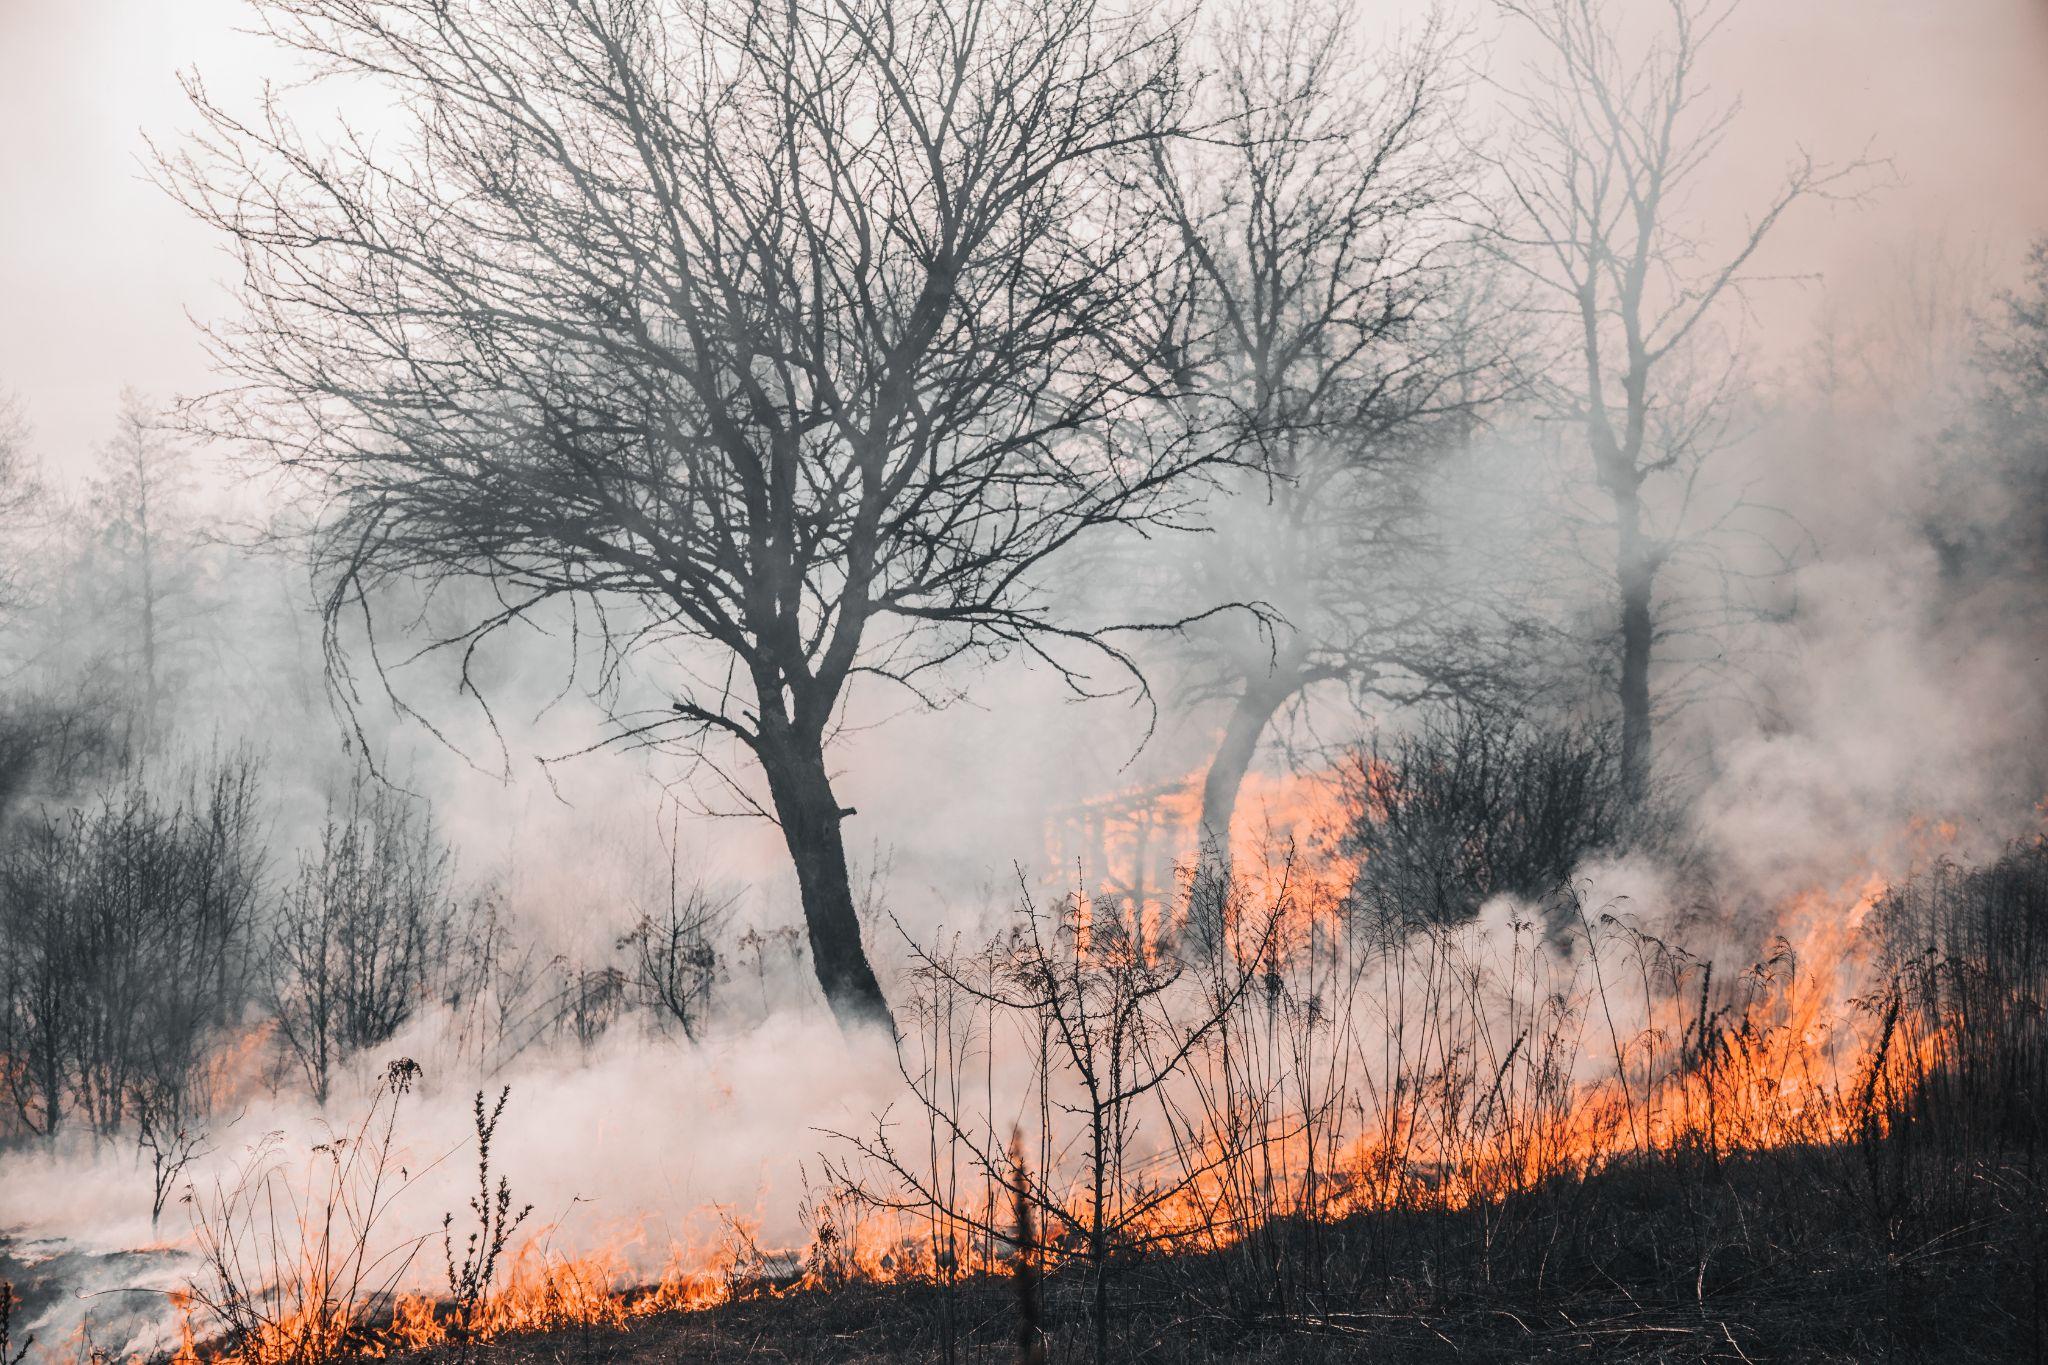 Incêndios florestais na Amazônia e Pantanal causaram danos à população da região (Fonte: Vladyslav Dukhin/Pexels)